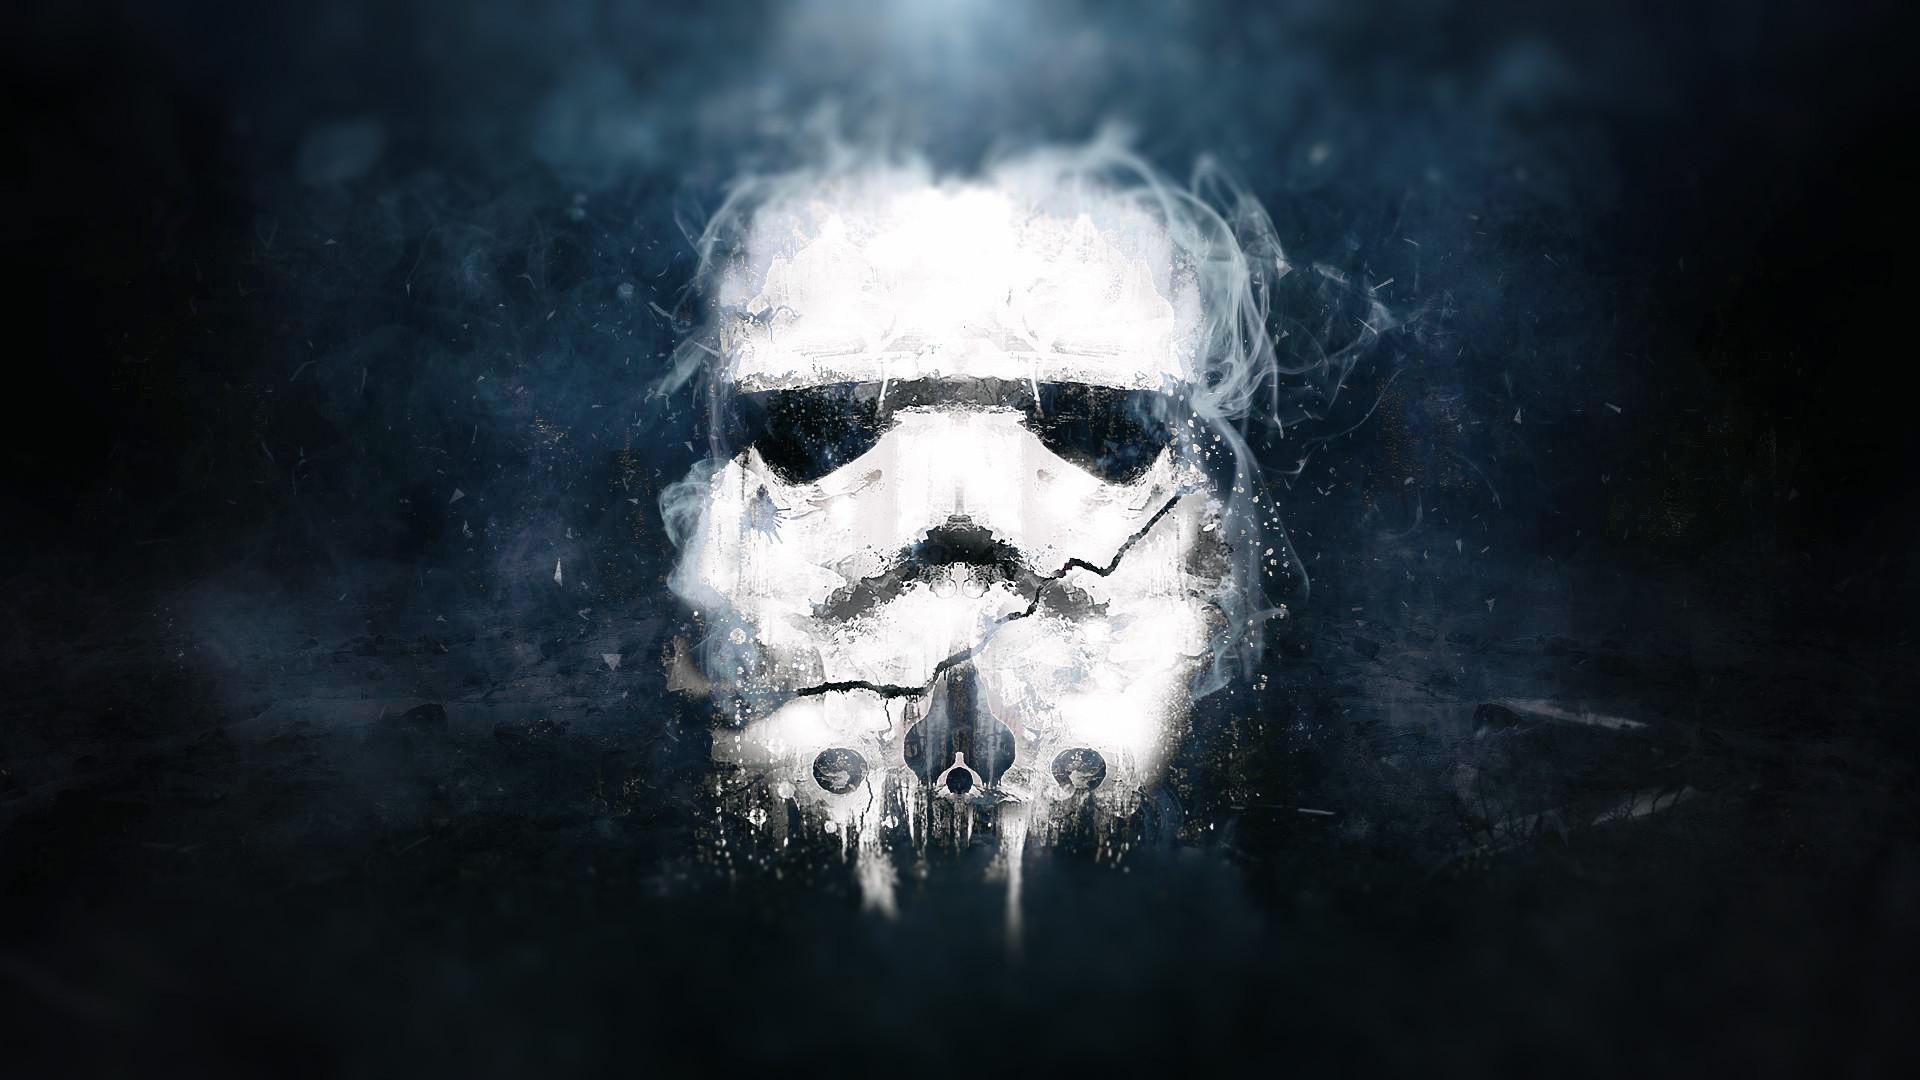 Hd stormtrooper wallpaper 66 images - Stormtrooper suit wallpaper ...